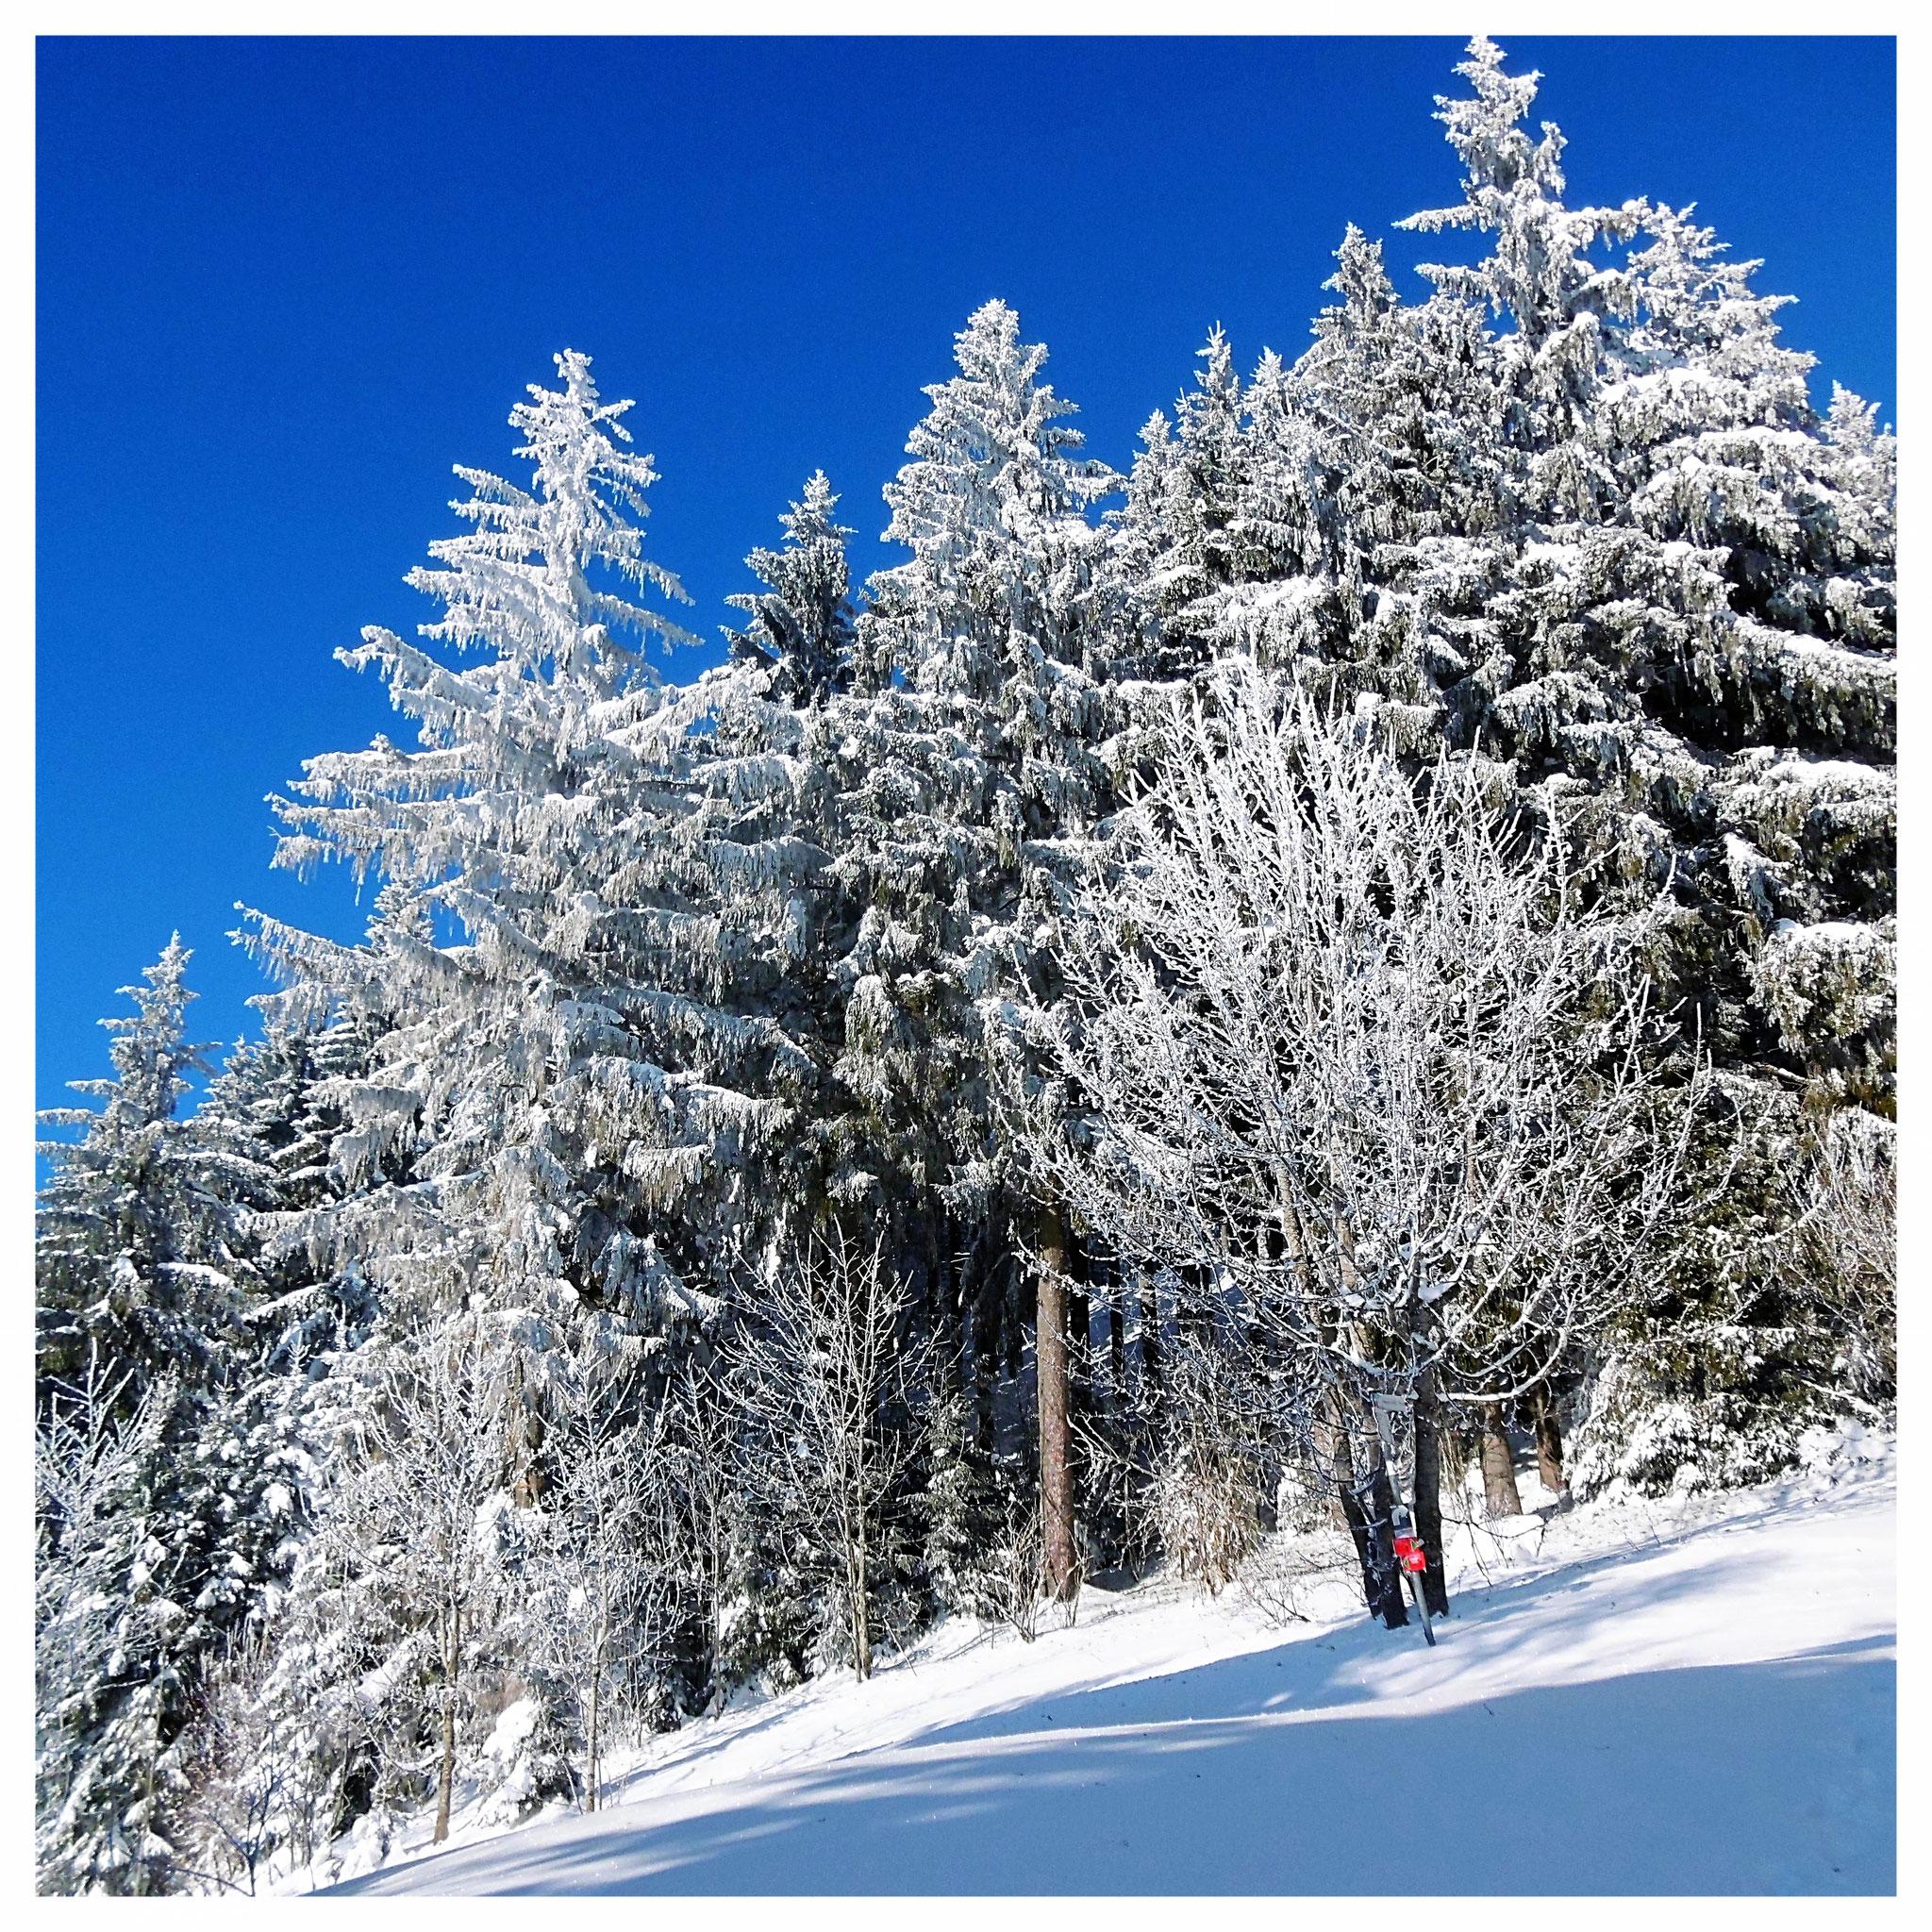 Winterwanderung im Allgäu